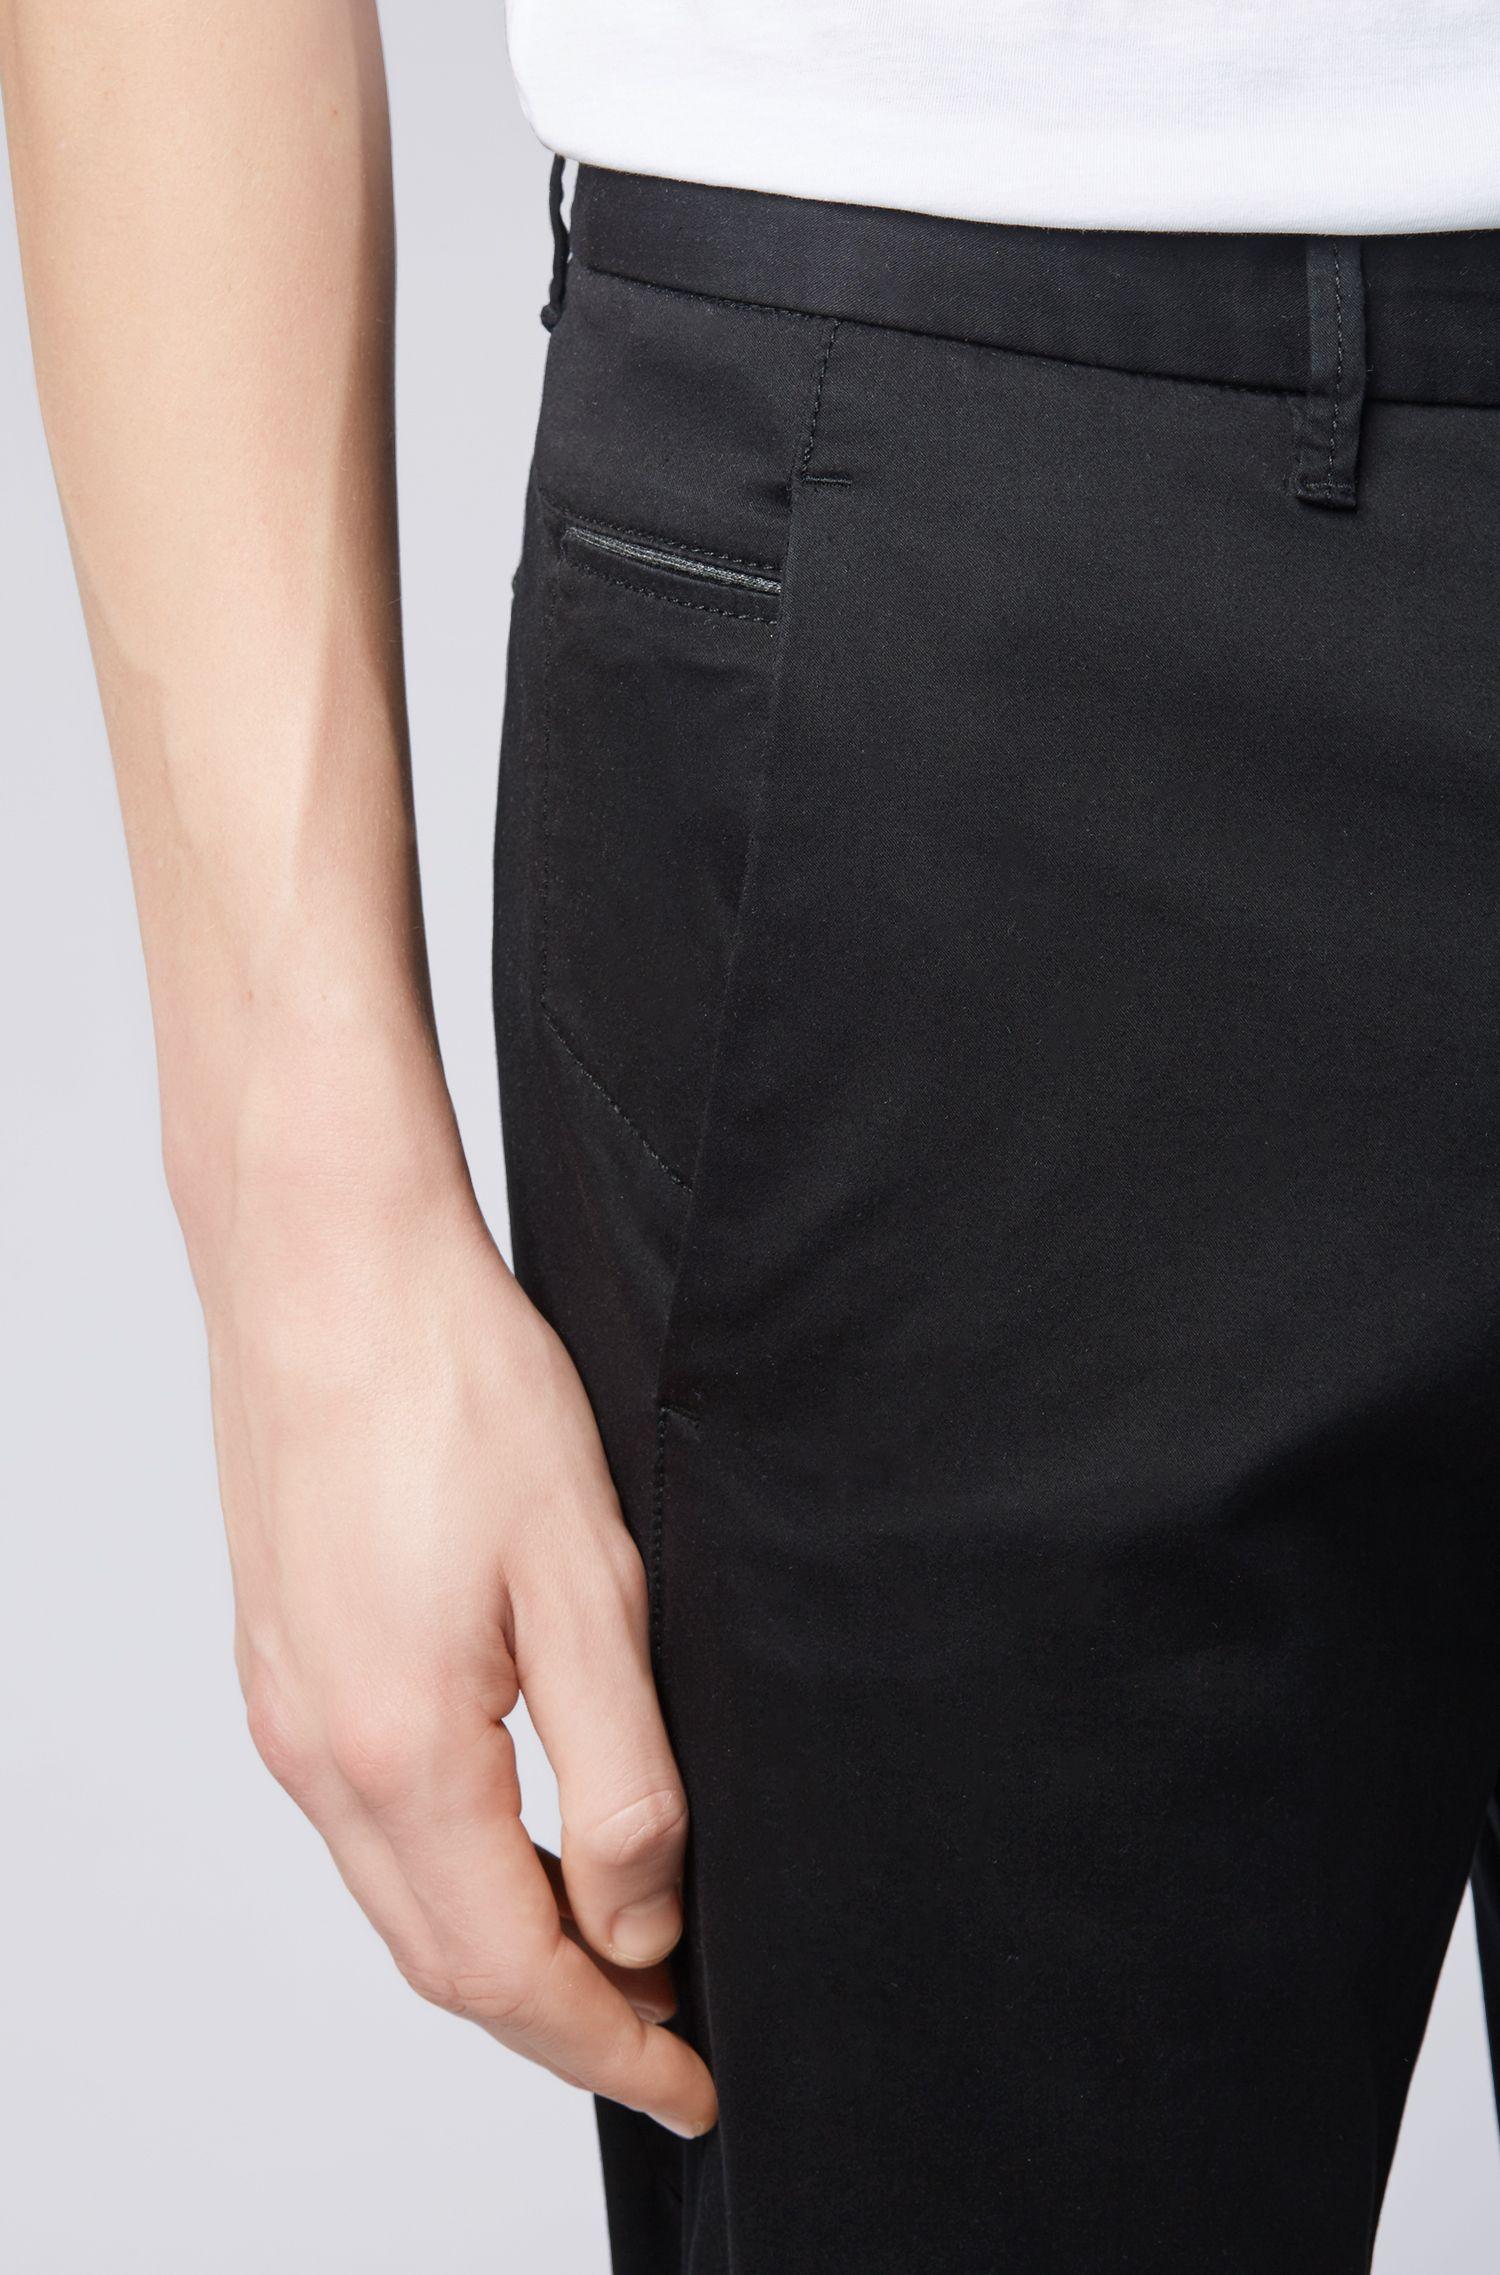 Pantalon Regular Fit en tissu stretch au toucher satiné, Noir